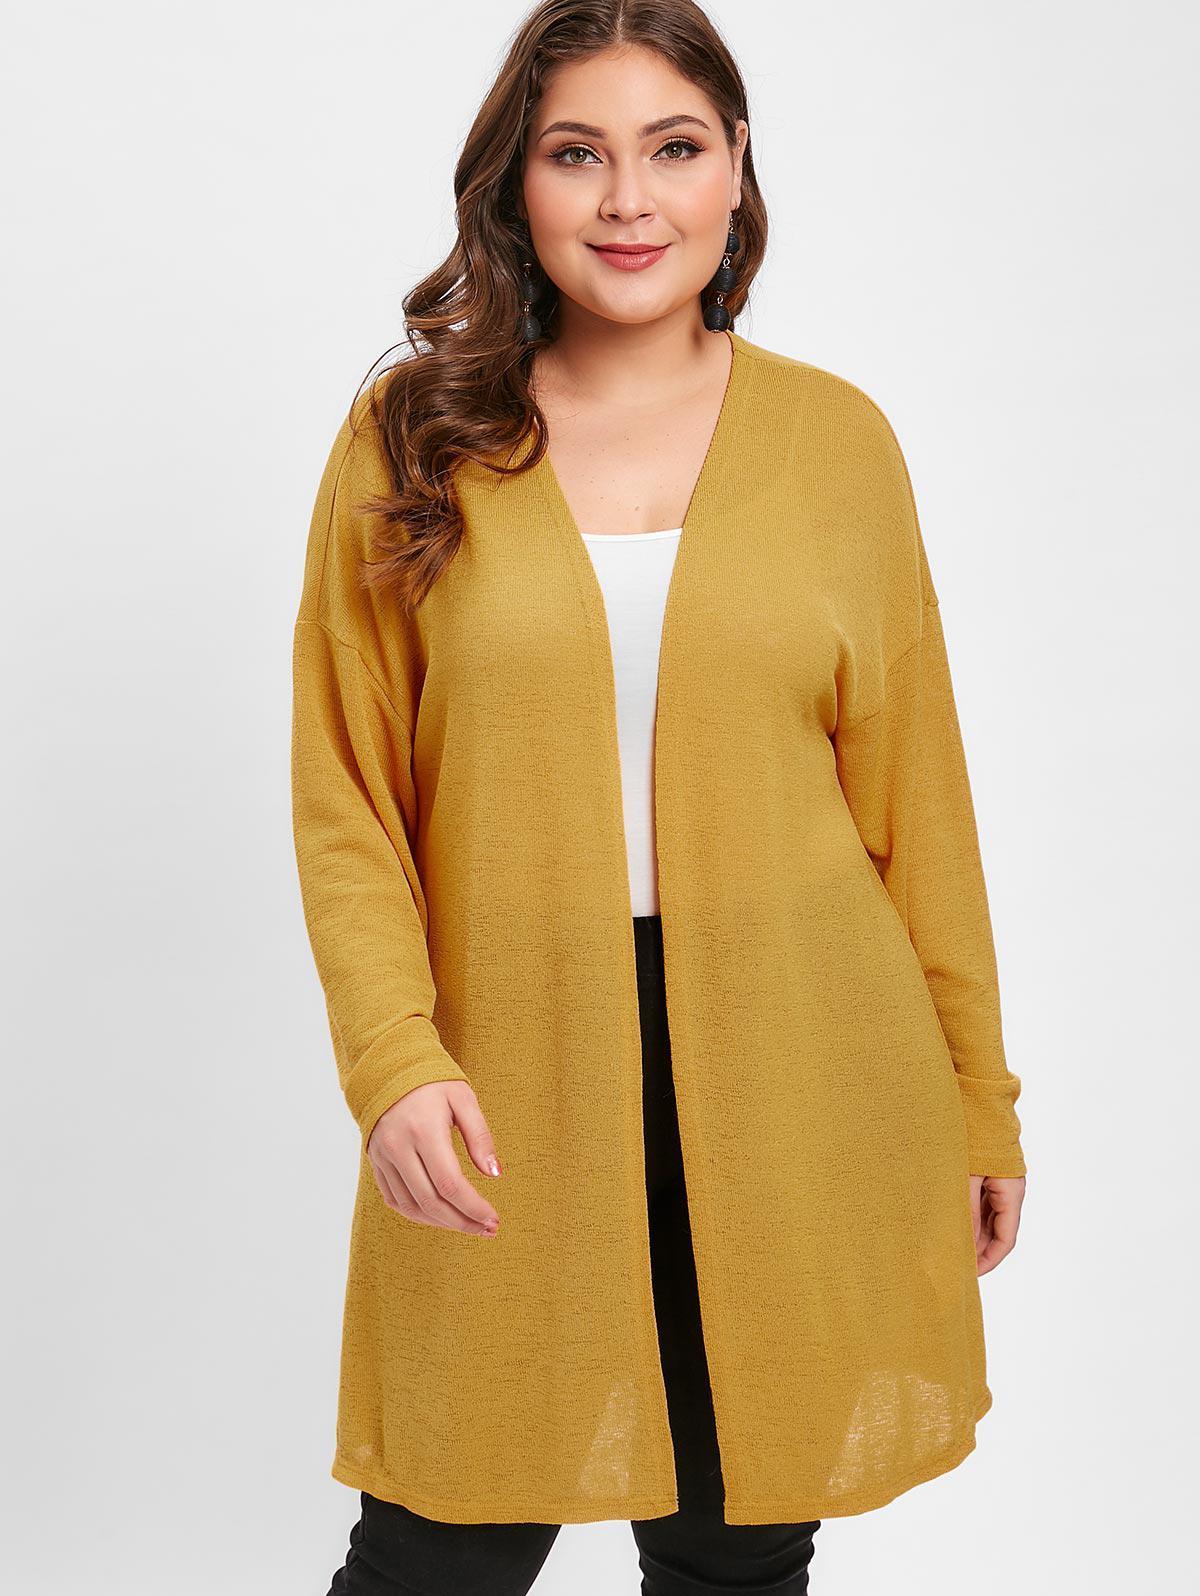 ZAFUL Plus Size Tunic Knit Cardigan фото